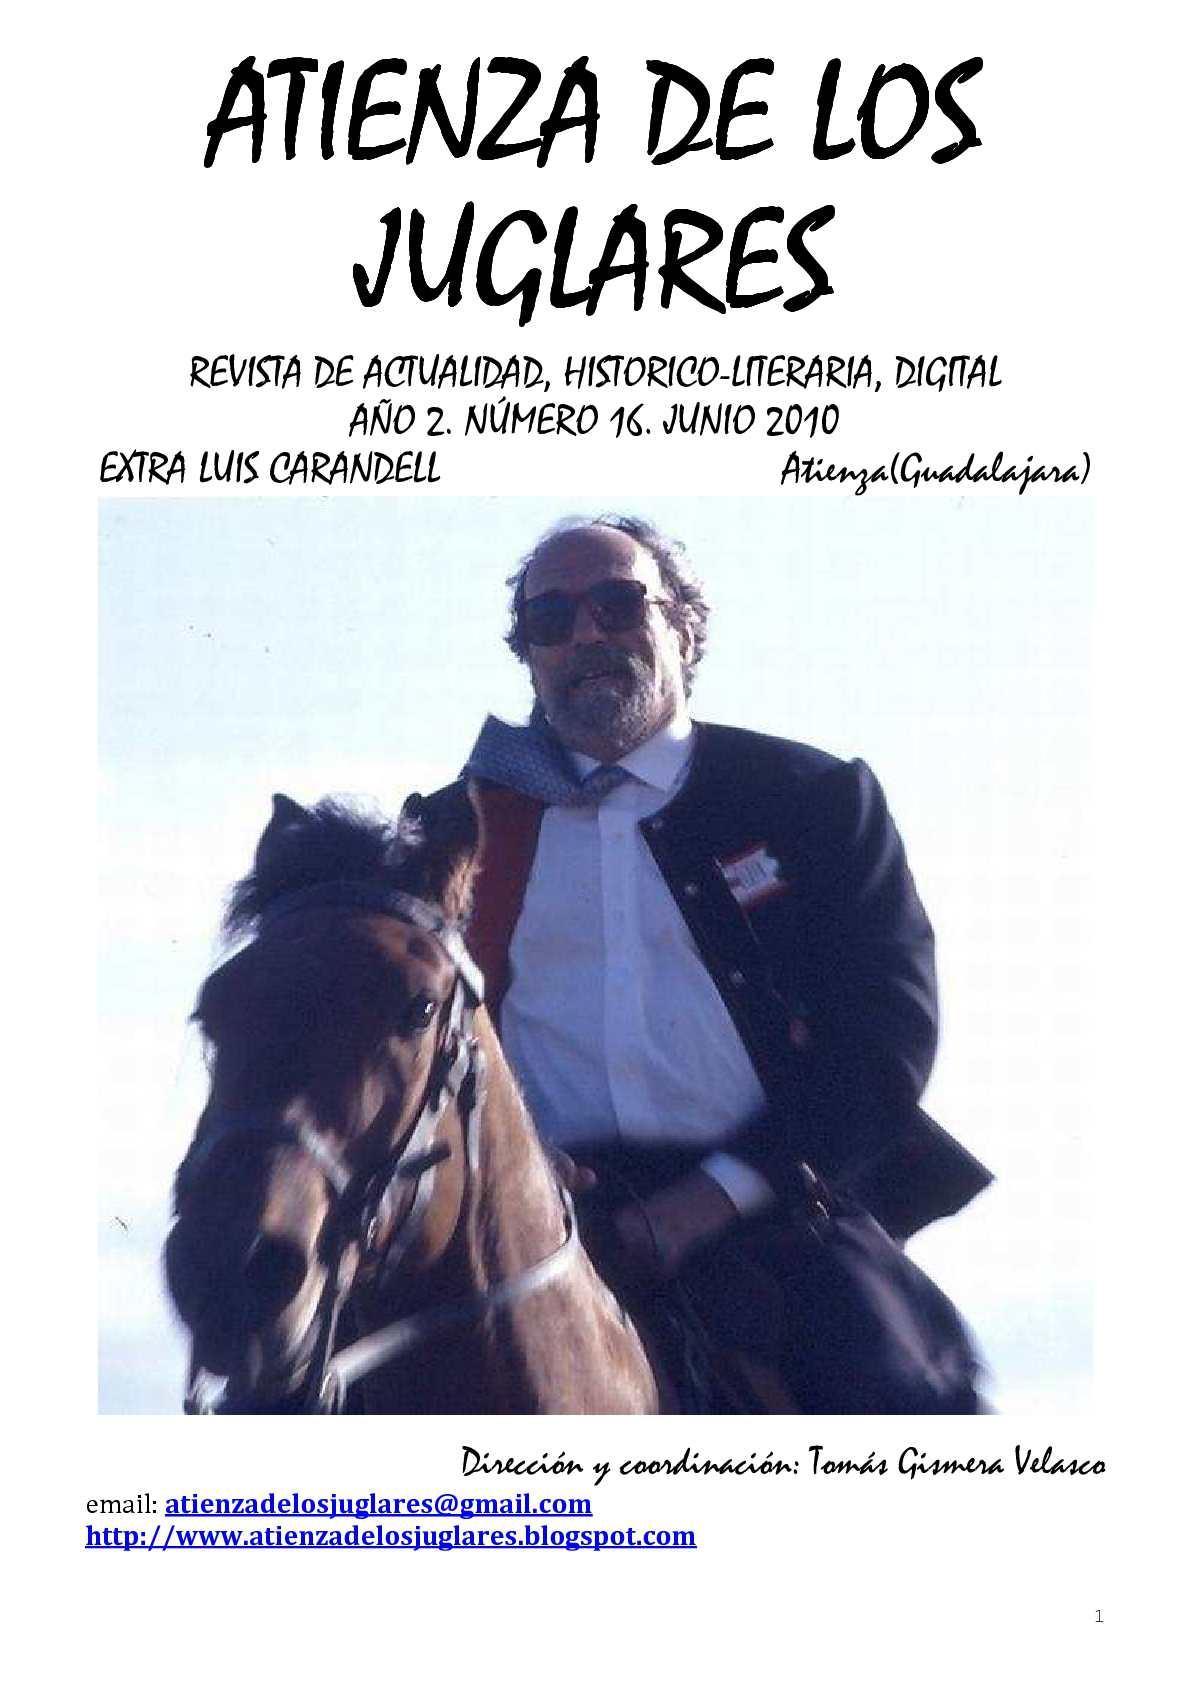 Calaméo - ATIENZA DE LOS JUGLARES-EXTRA LUIS CARANDELL